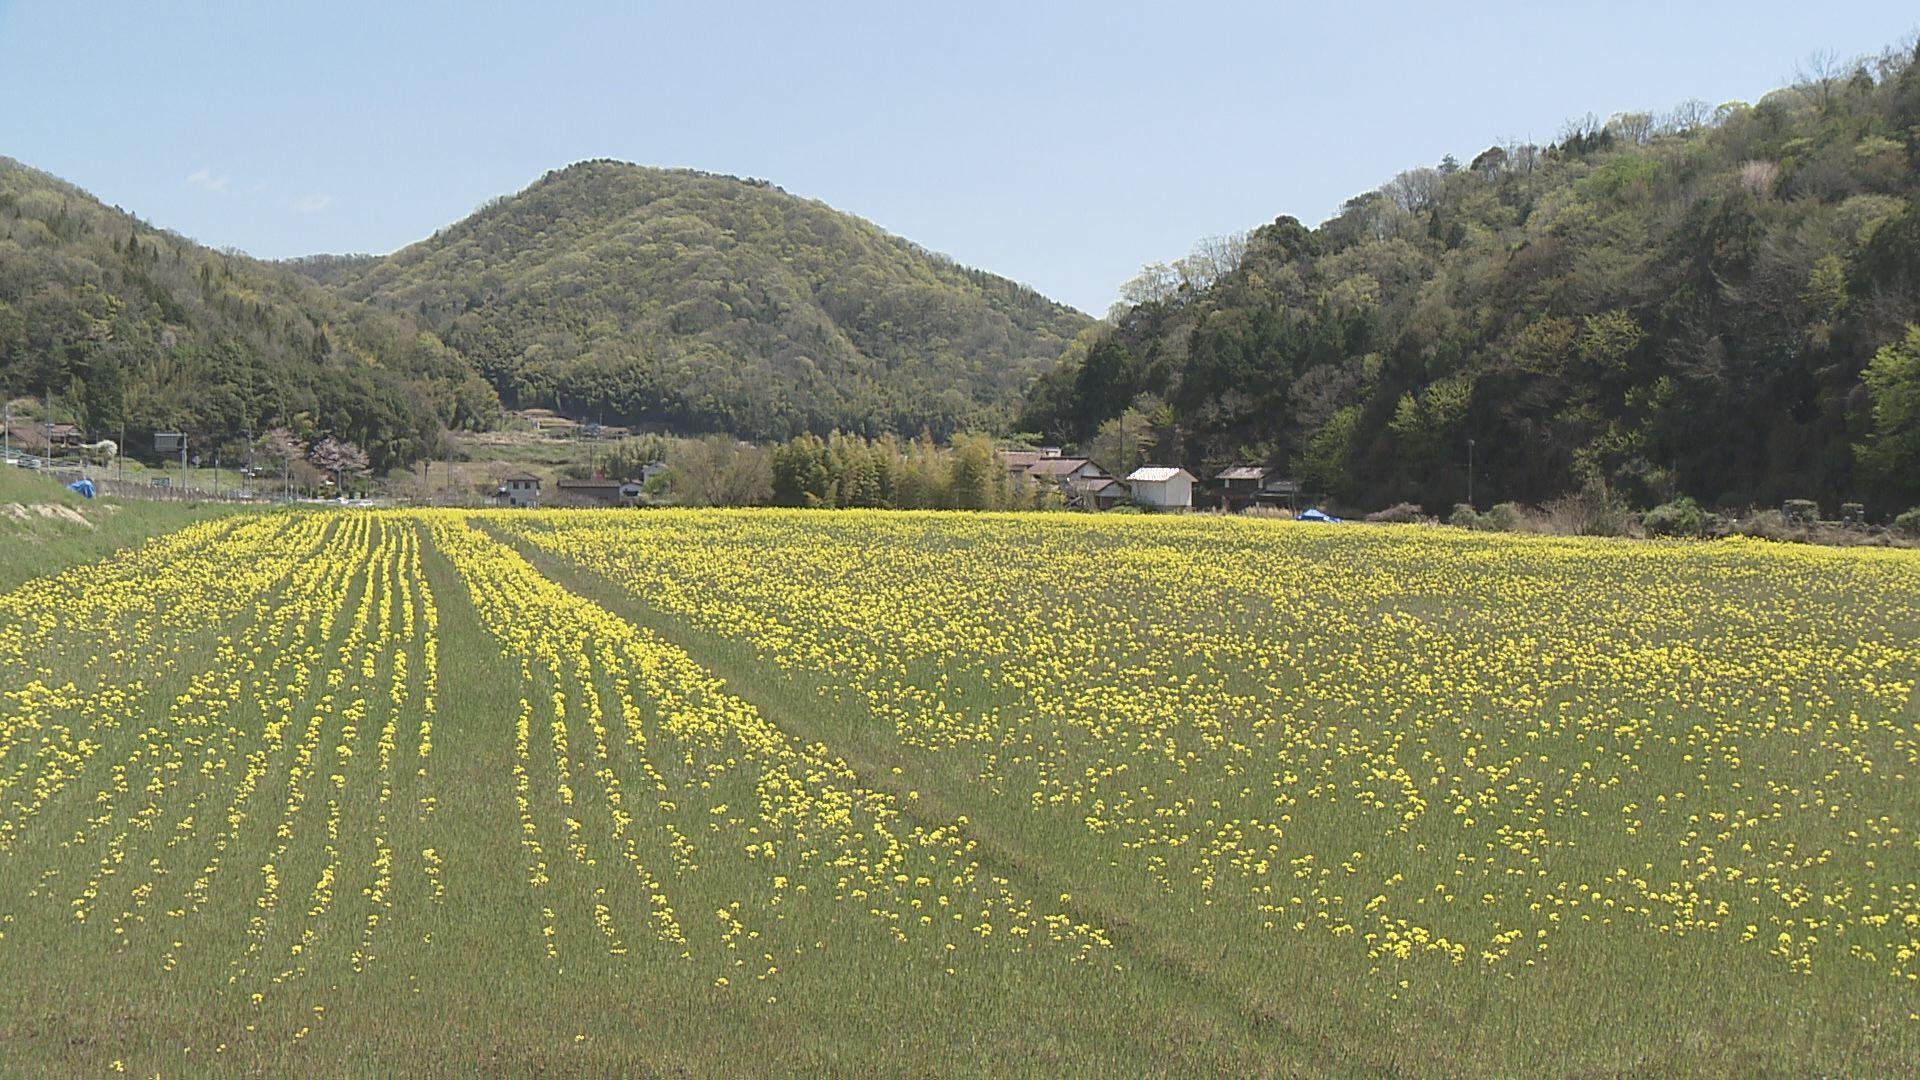 黄色に染まった菜の花畑で復興を【地球派宣言】